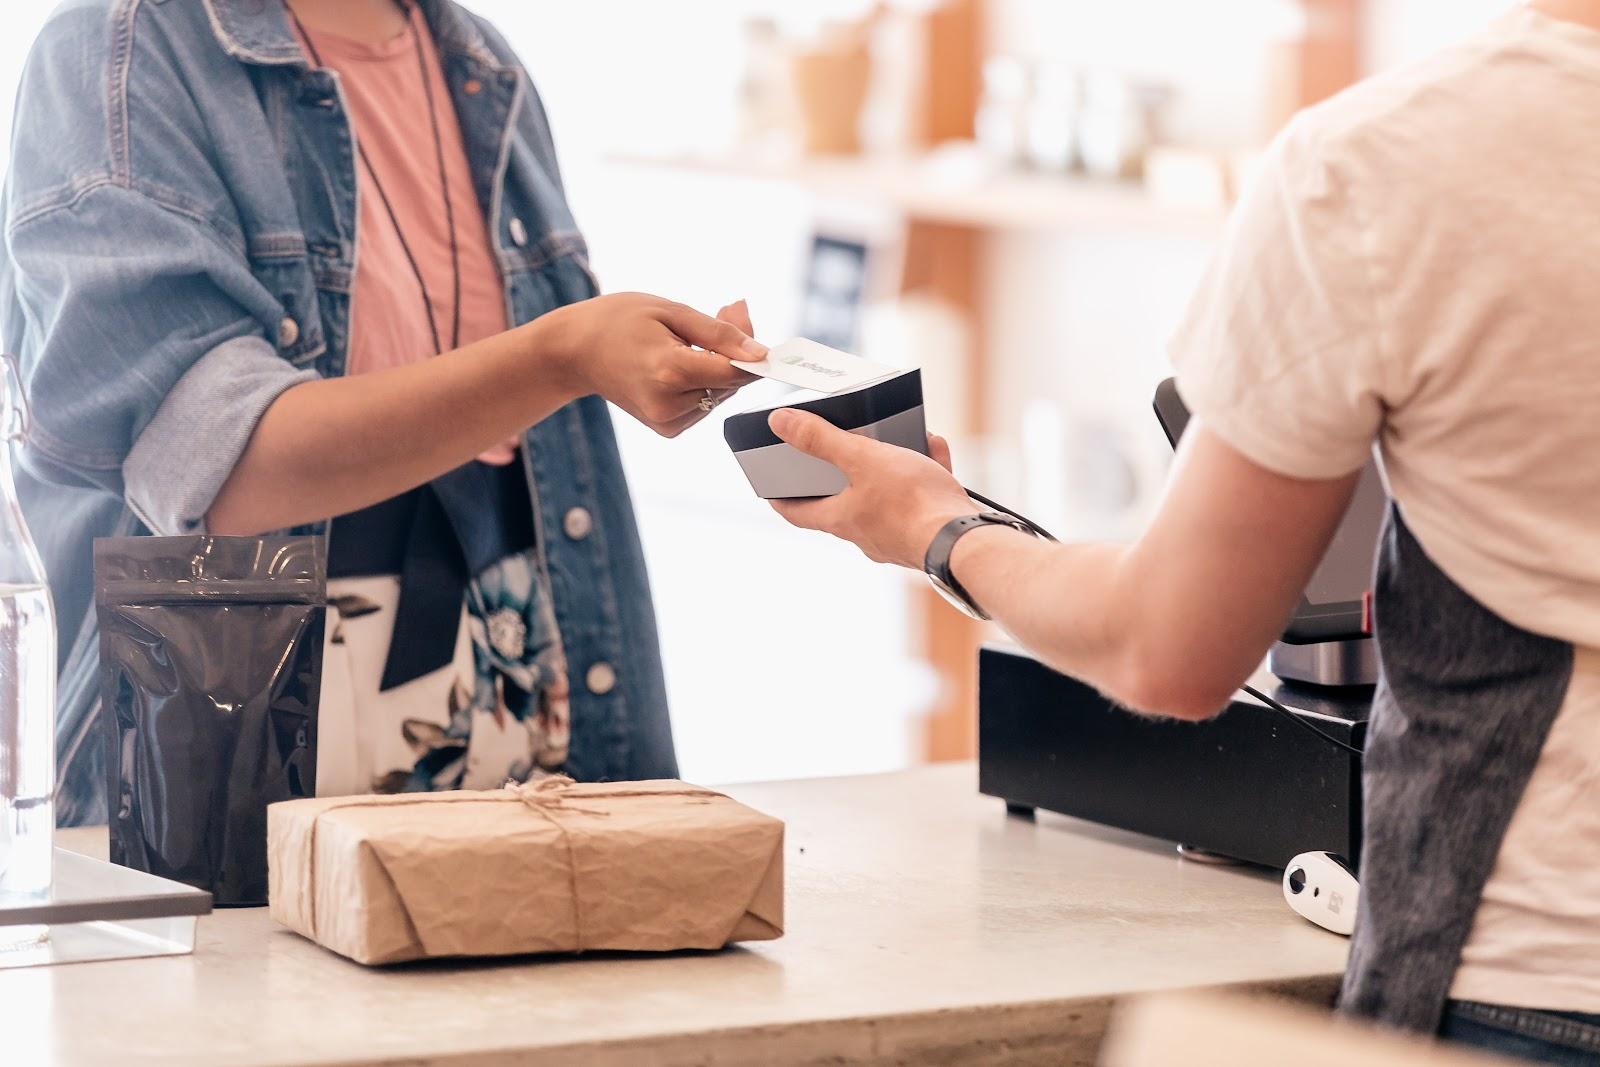 Uma pessoa entregando um cartão para outra pessoa em um estabelecimento.